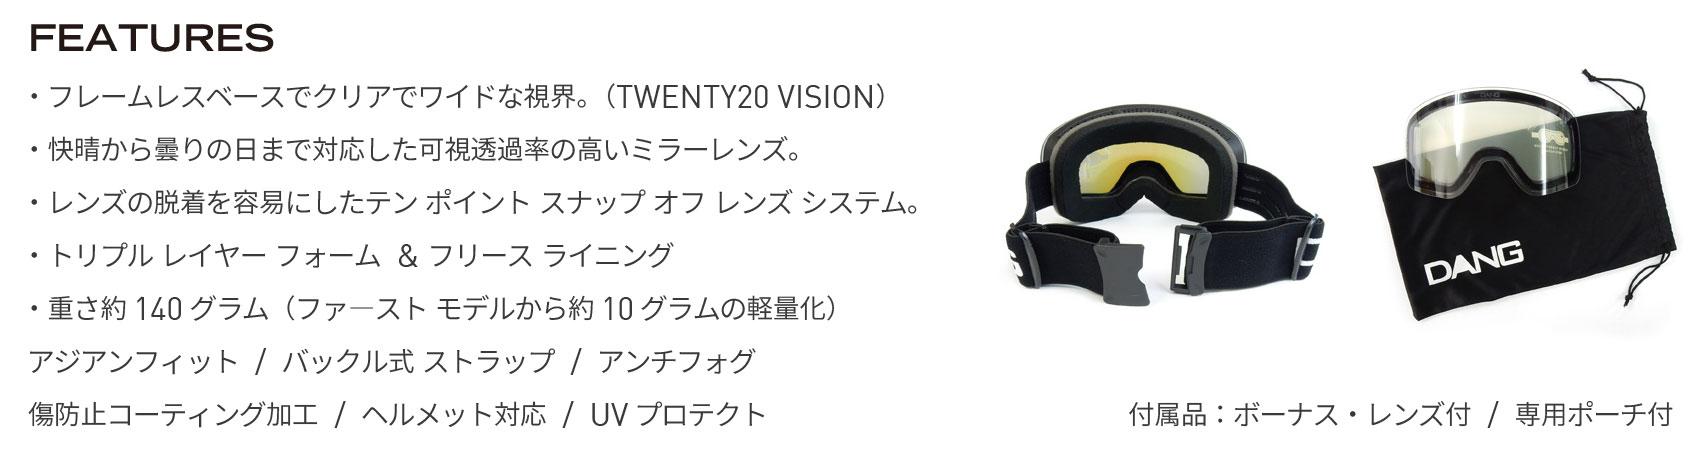 futures-2020